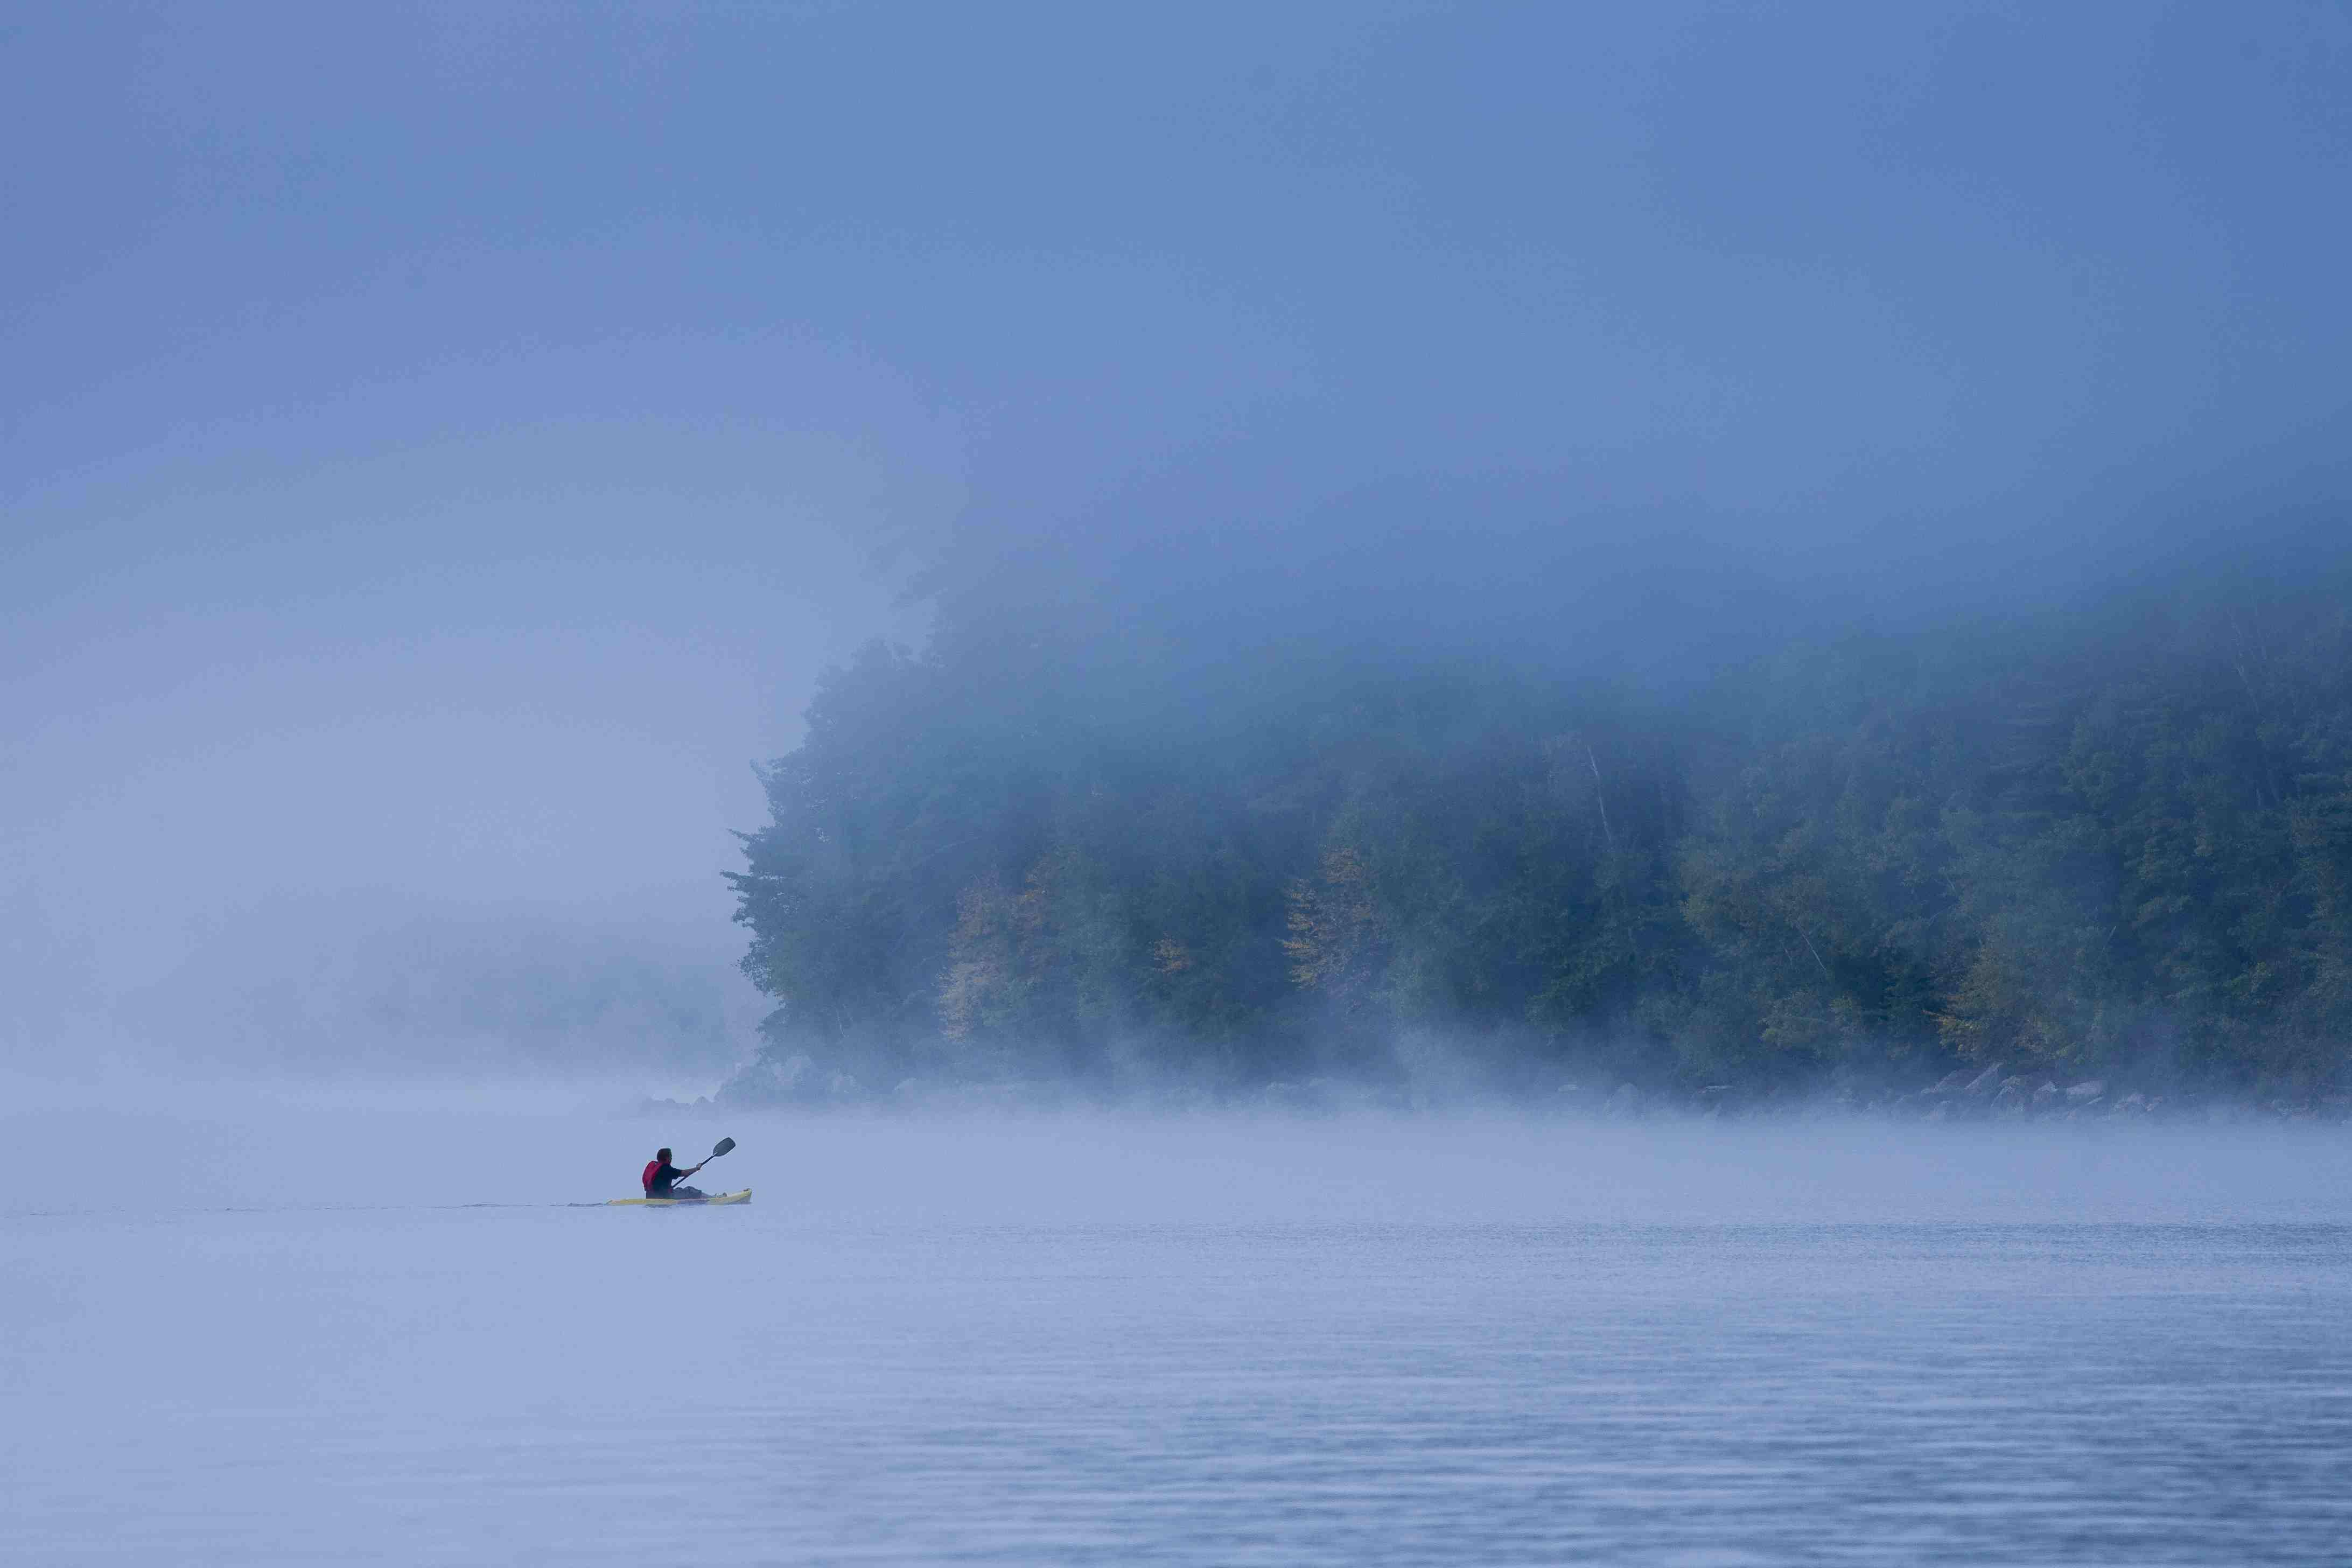 A kayaker on Lake Sebago in Maine.